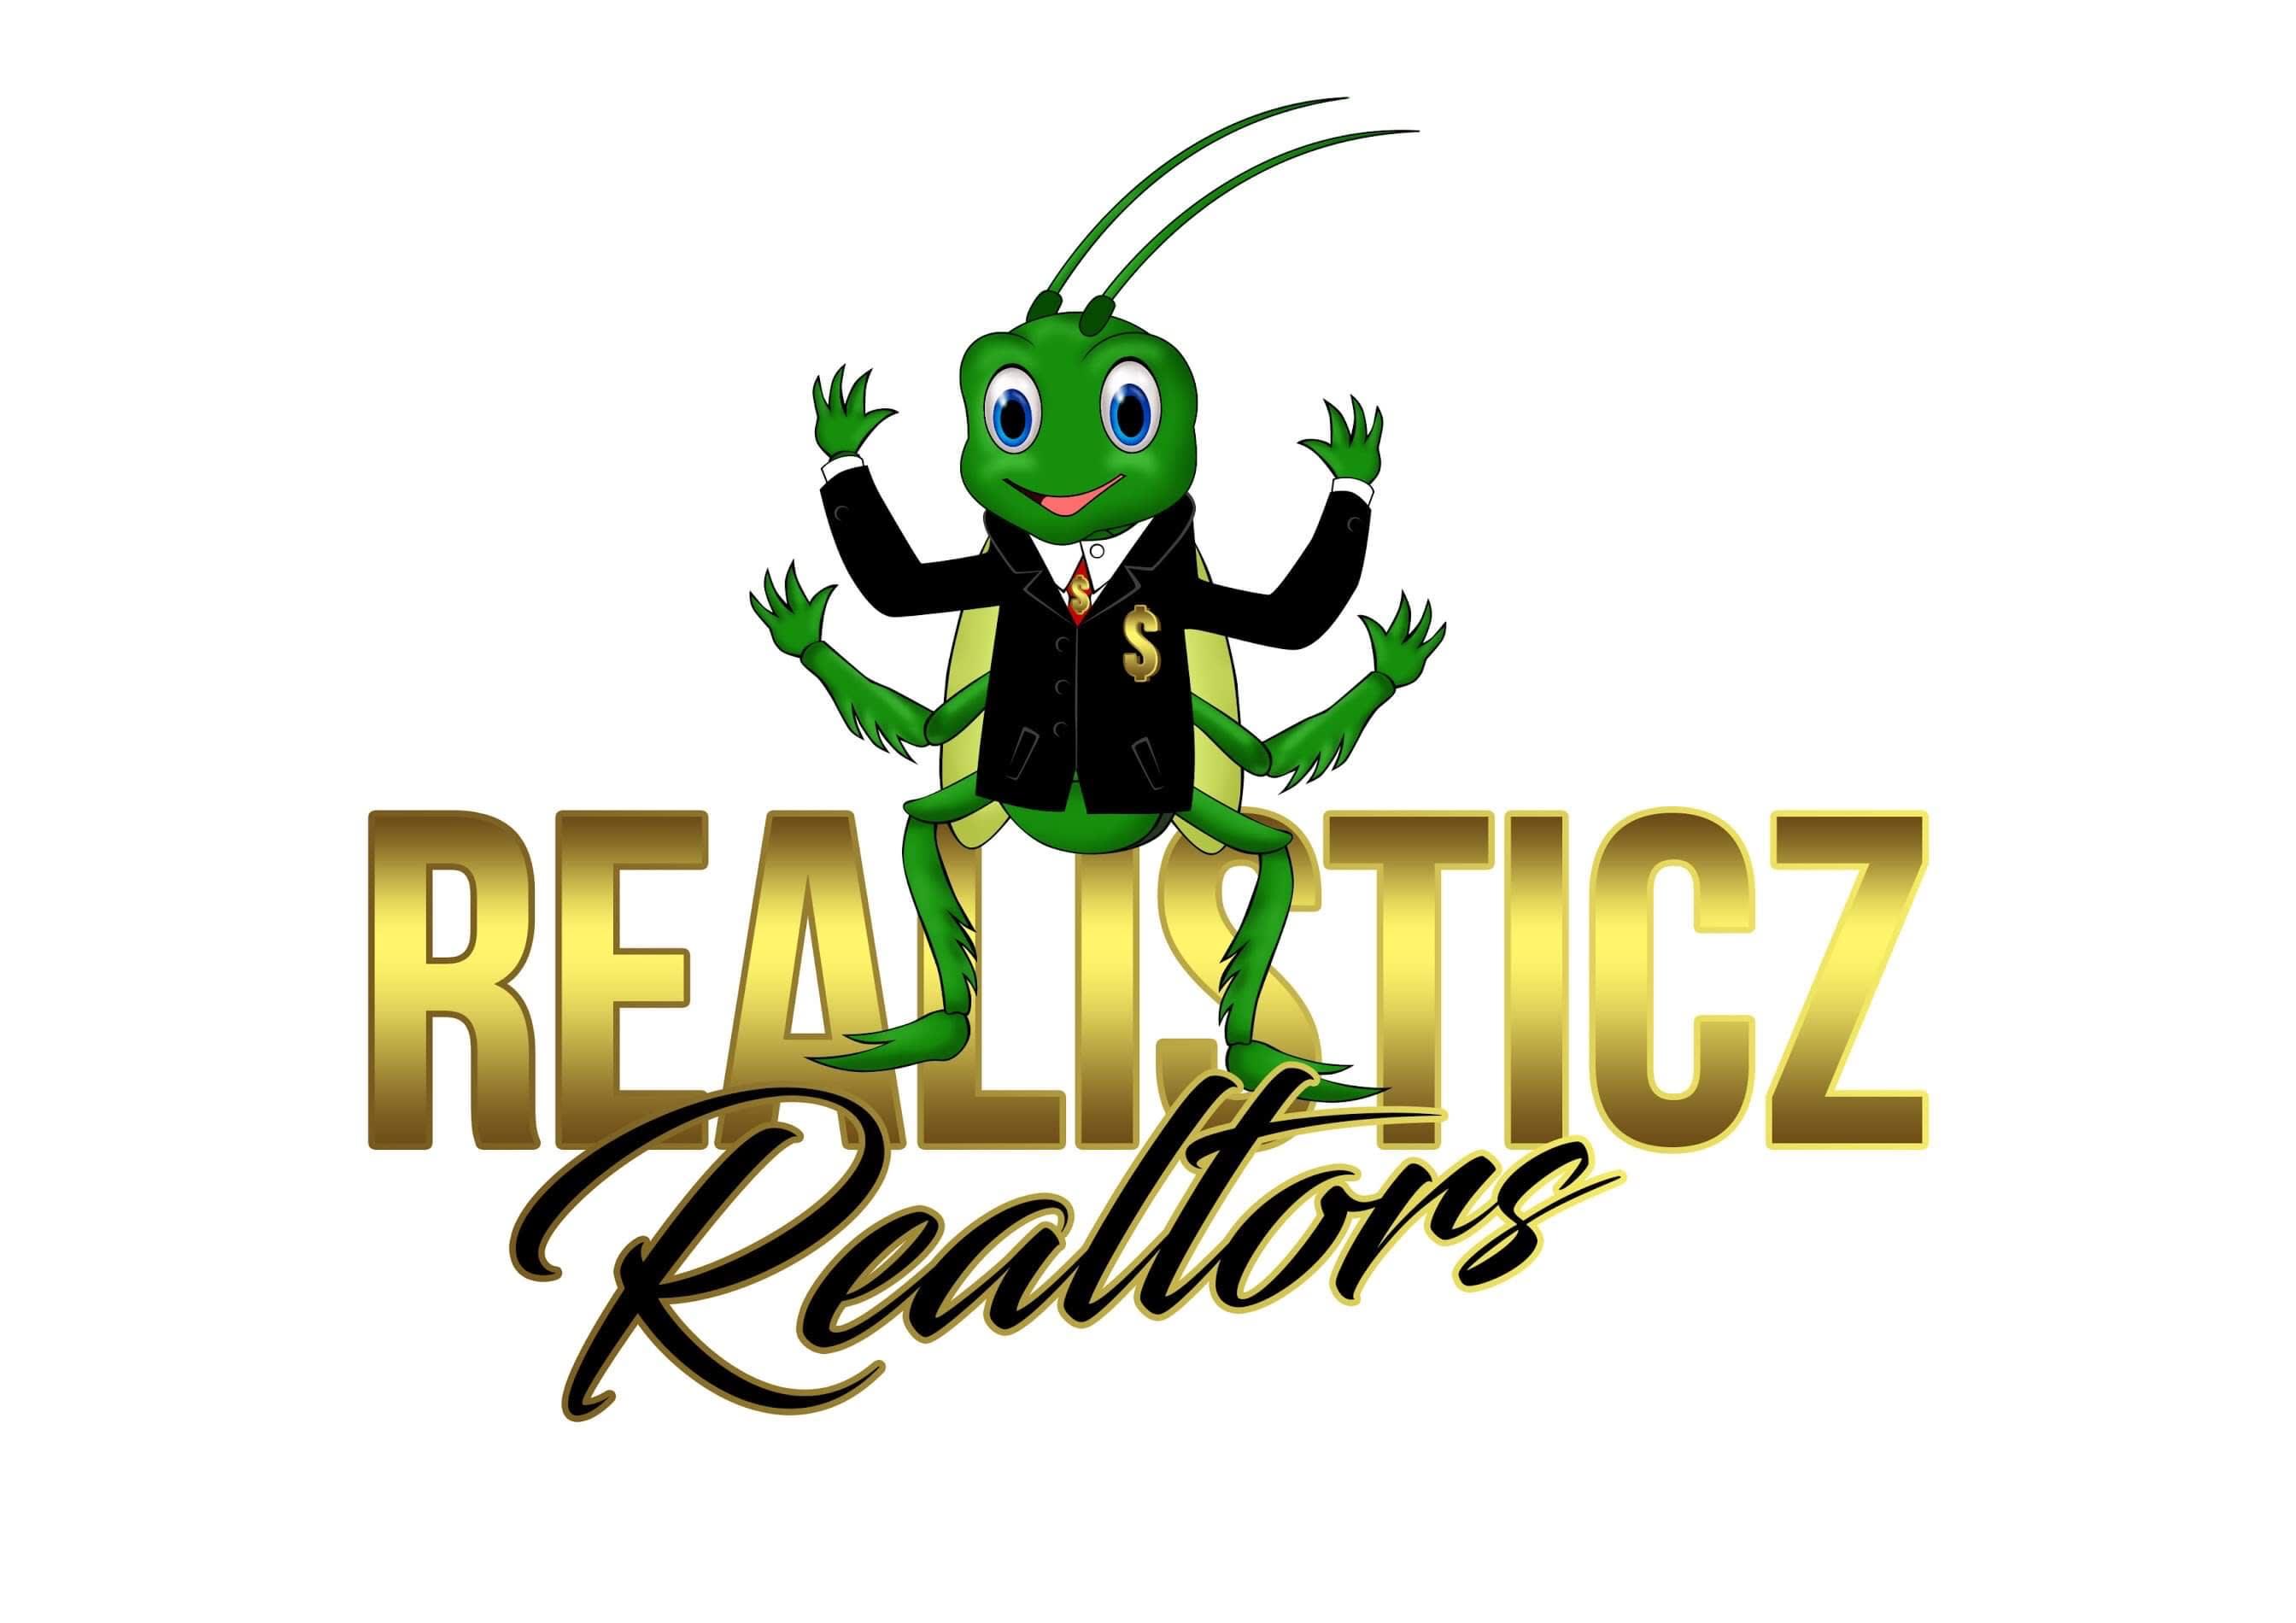 Realistic Realtor